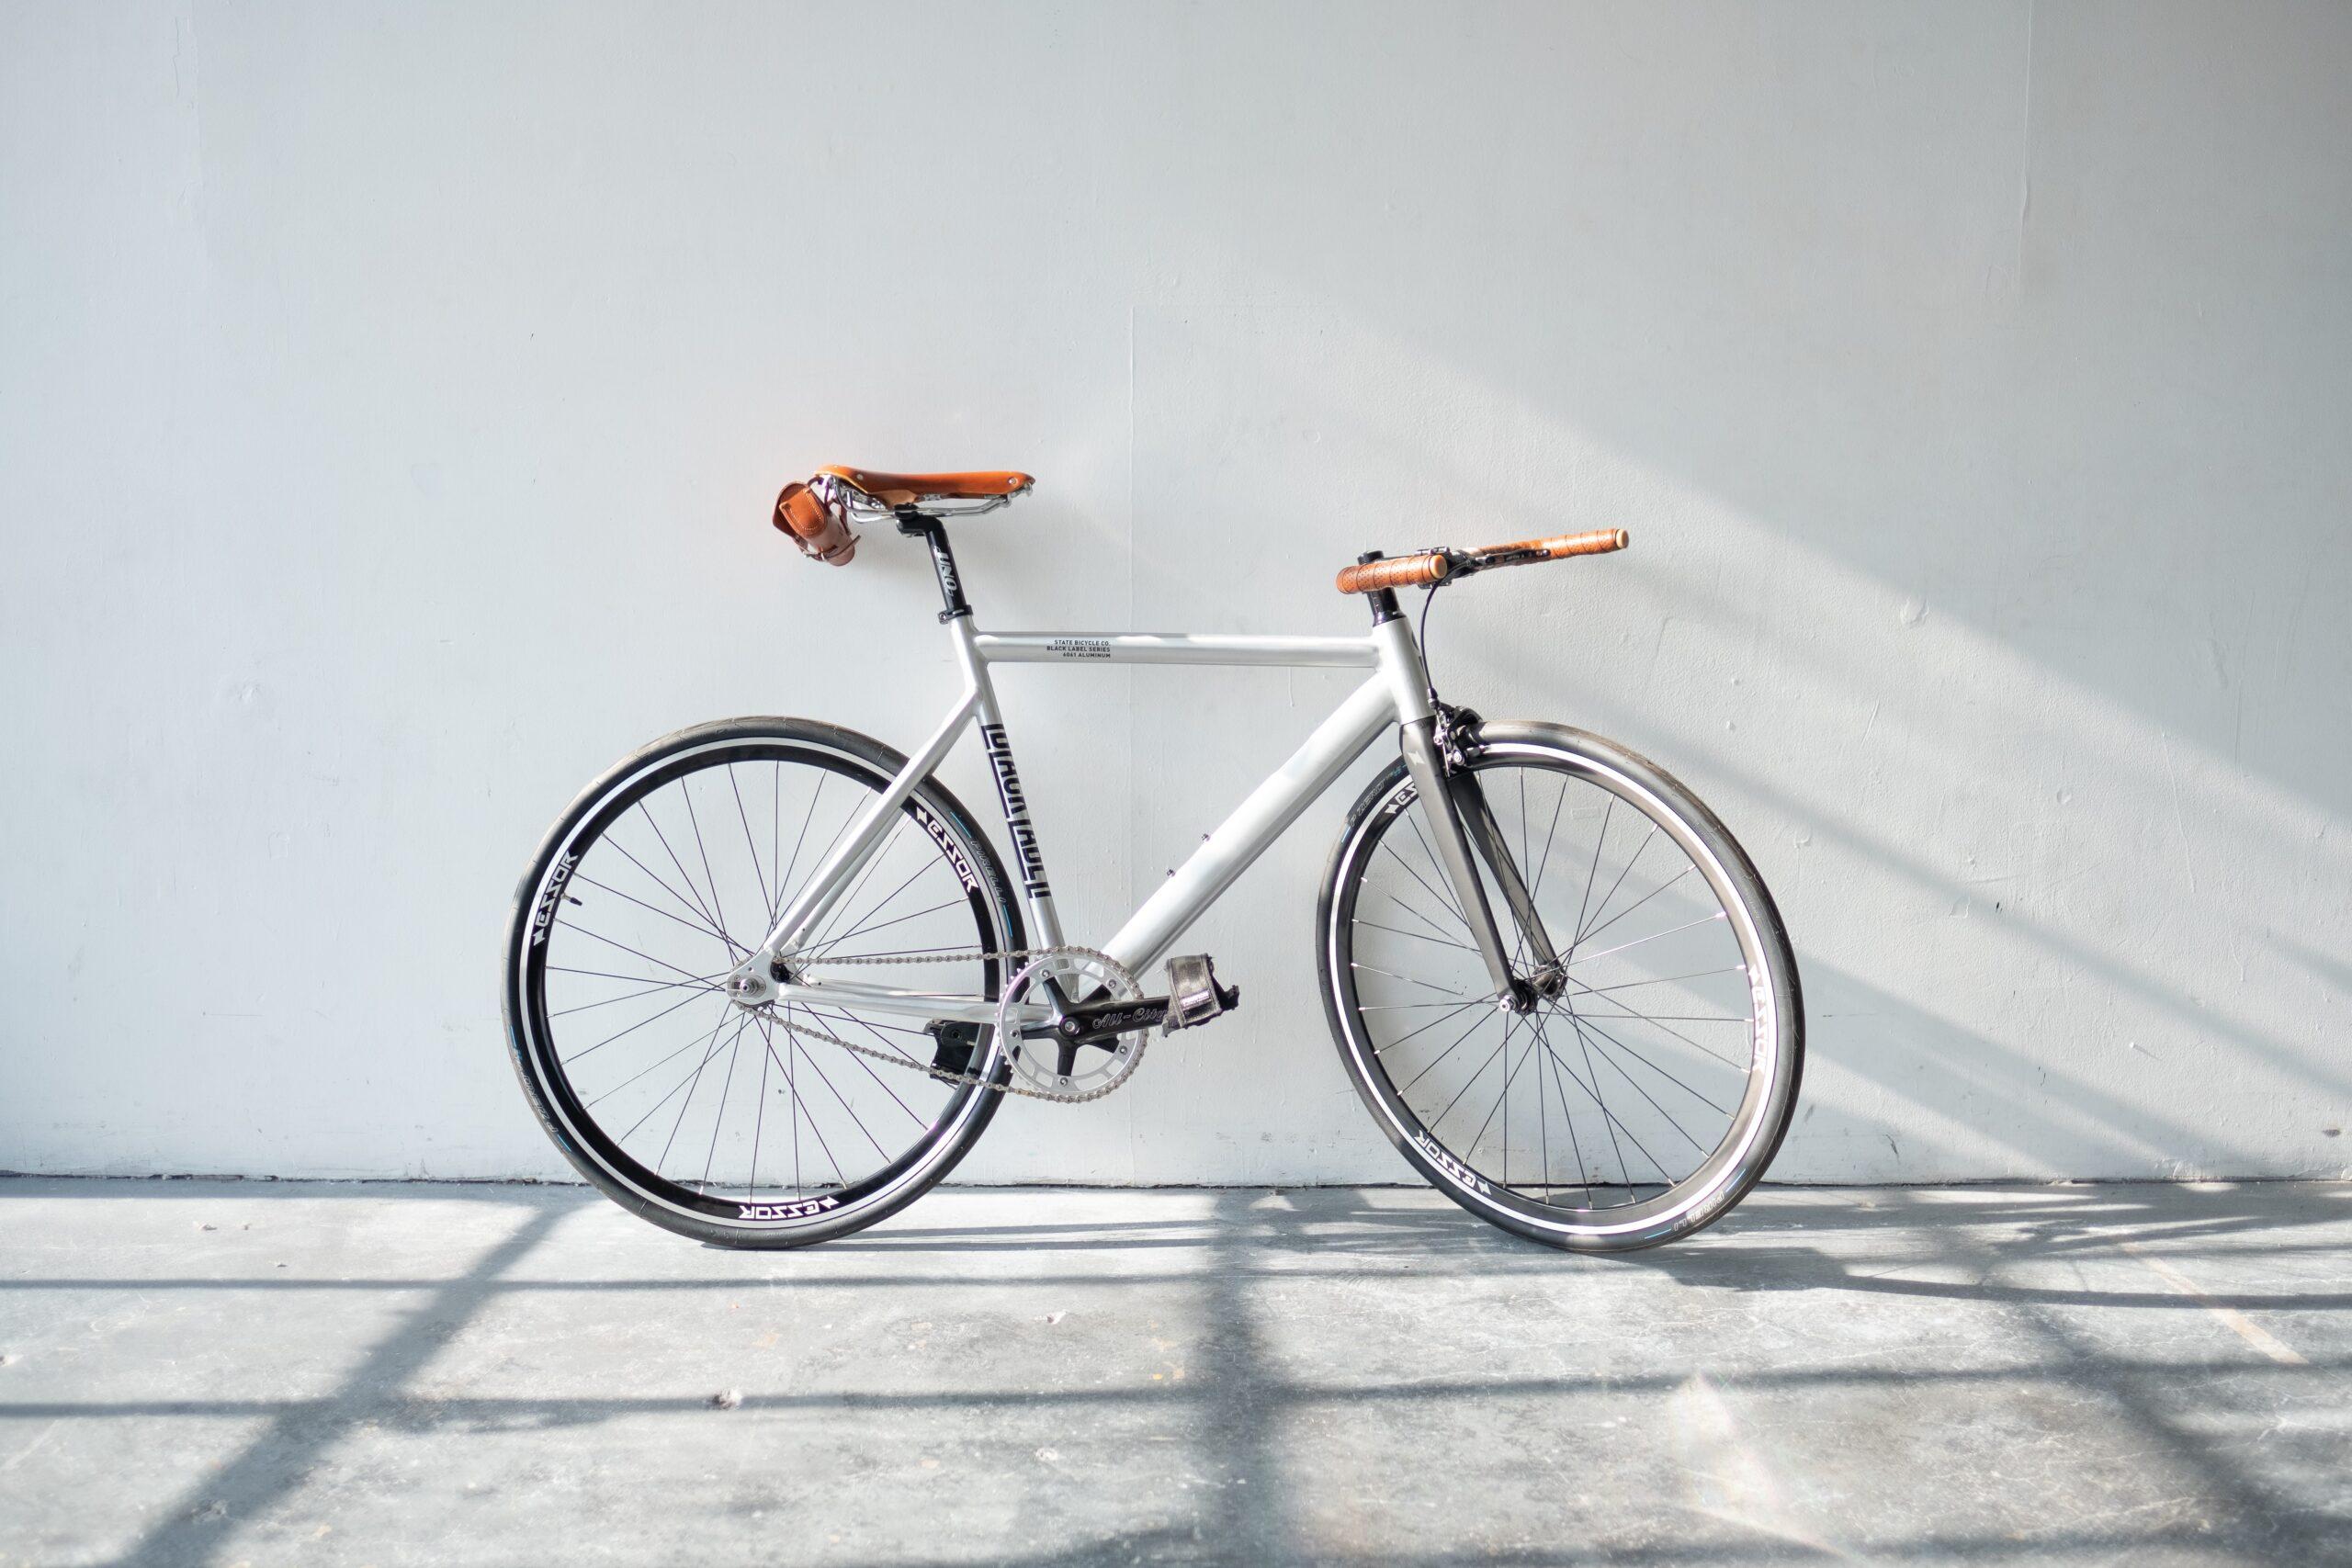 Czy rower faktycznie jest odpowiedzią na nadmierną emisję CO2? Miejski lifestyle powinien obejmować coś więcej niż transport